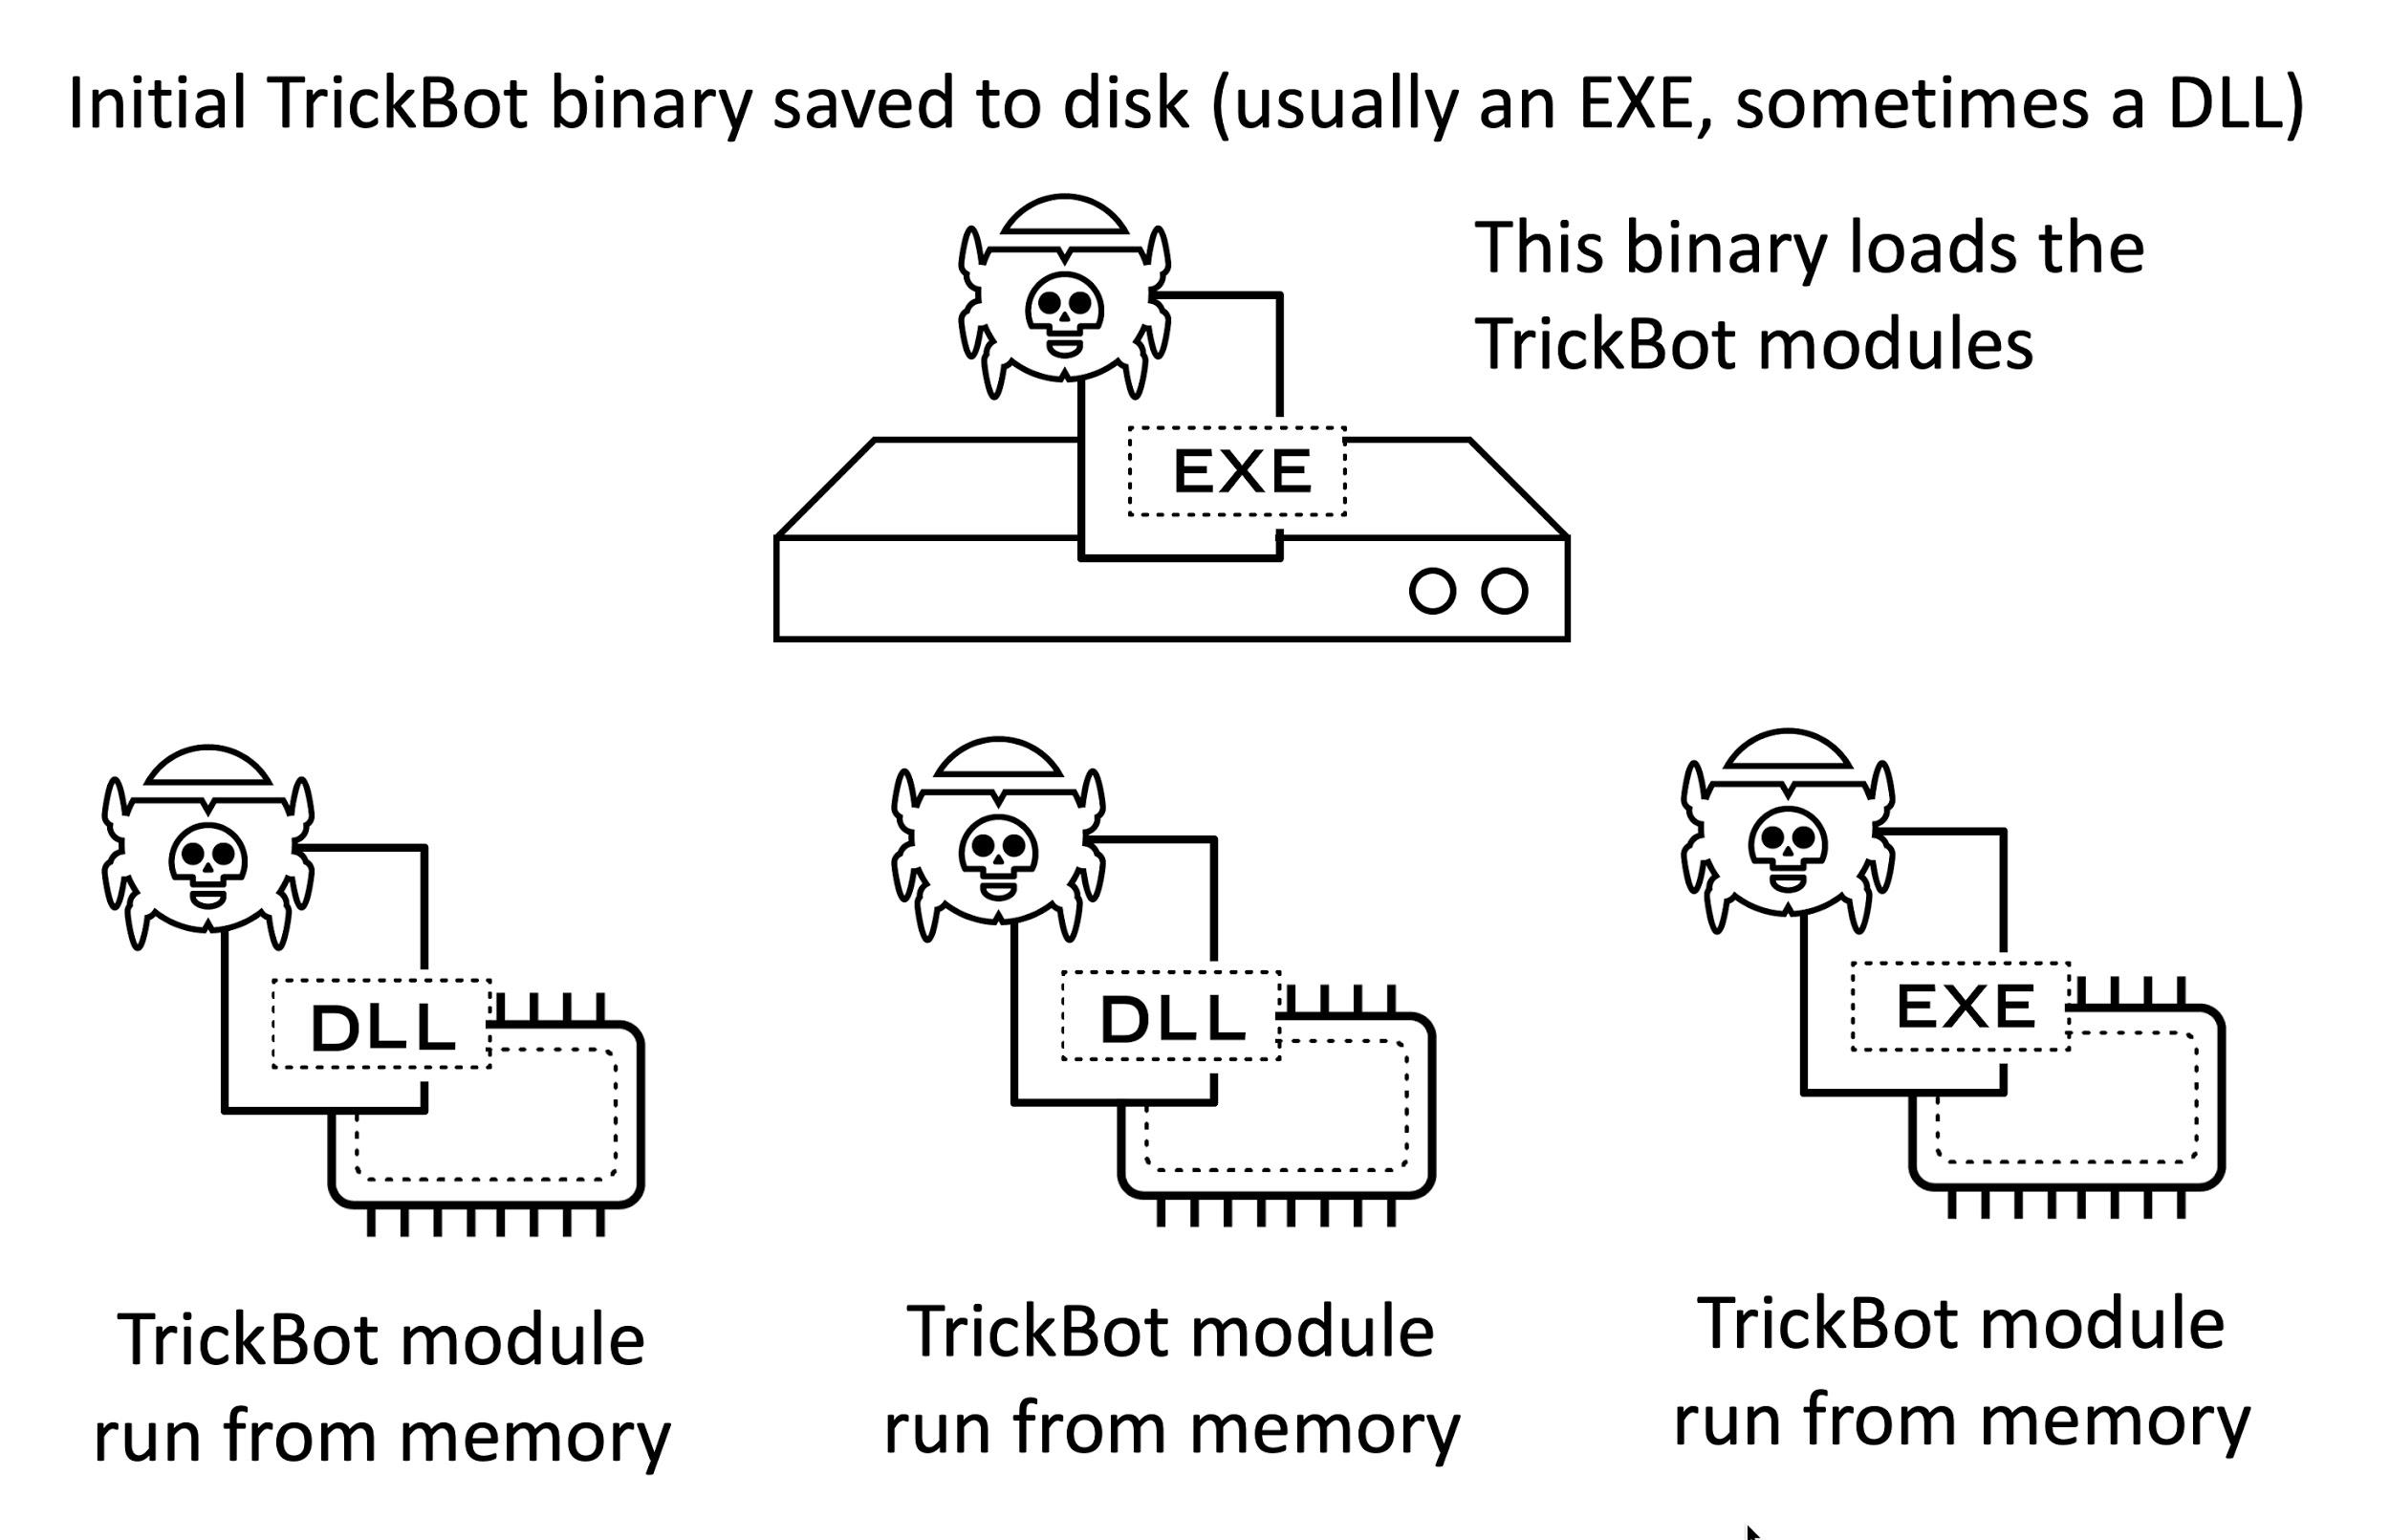 図1 TrickBotとモジュールの図解